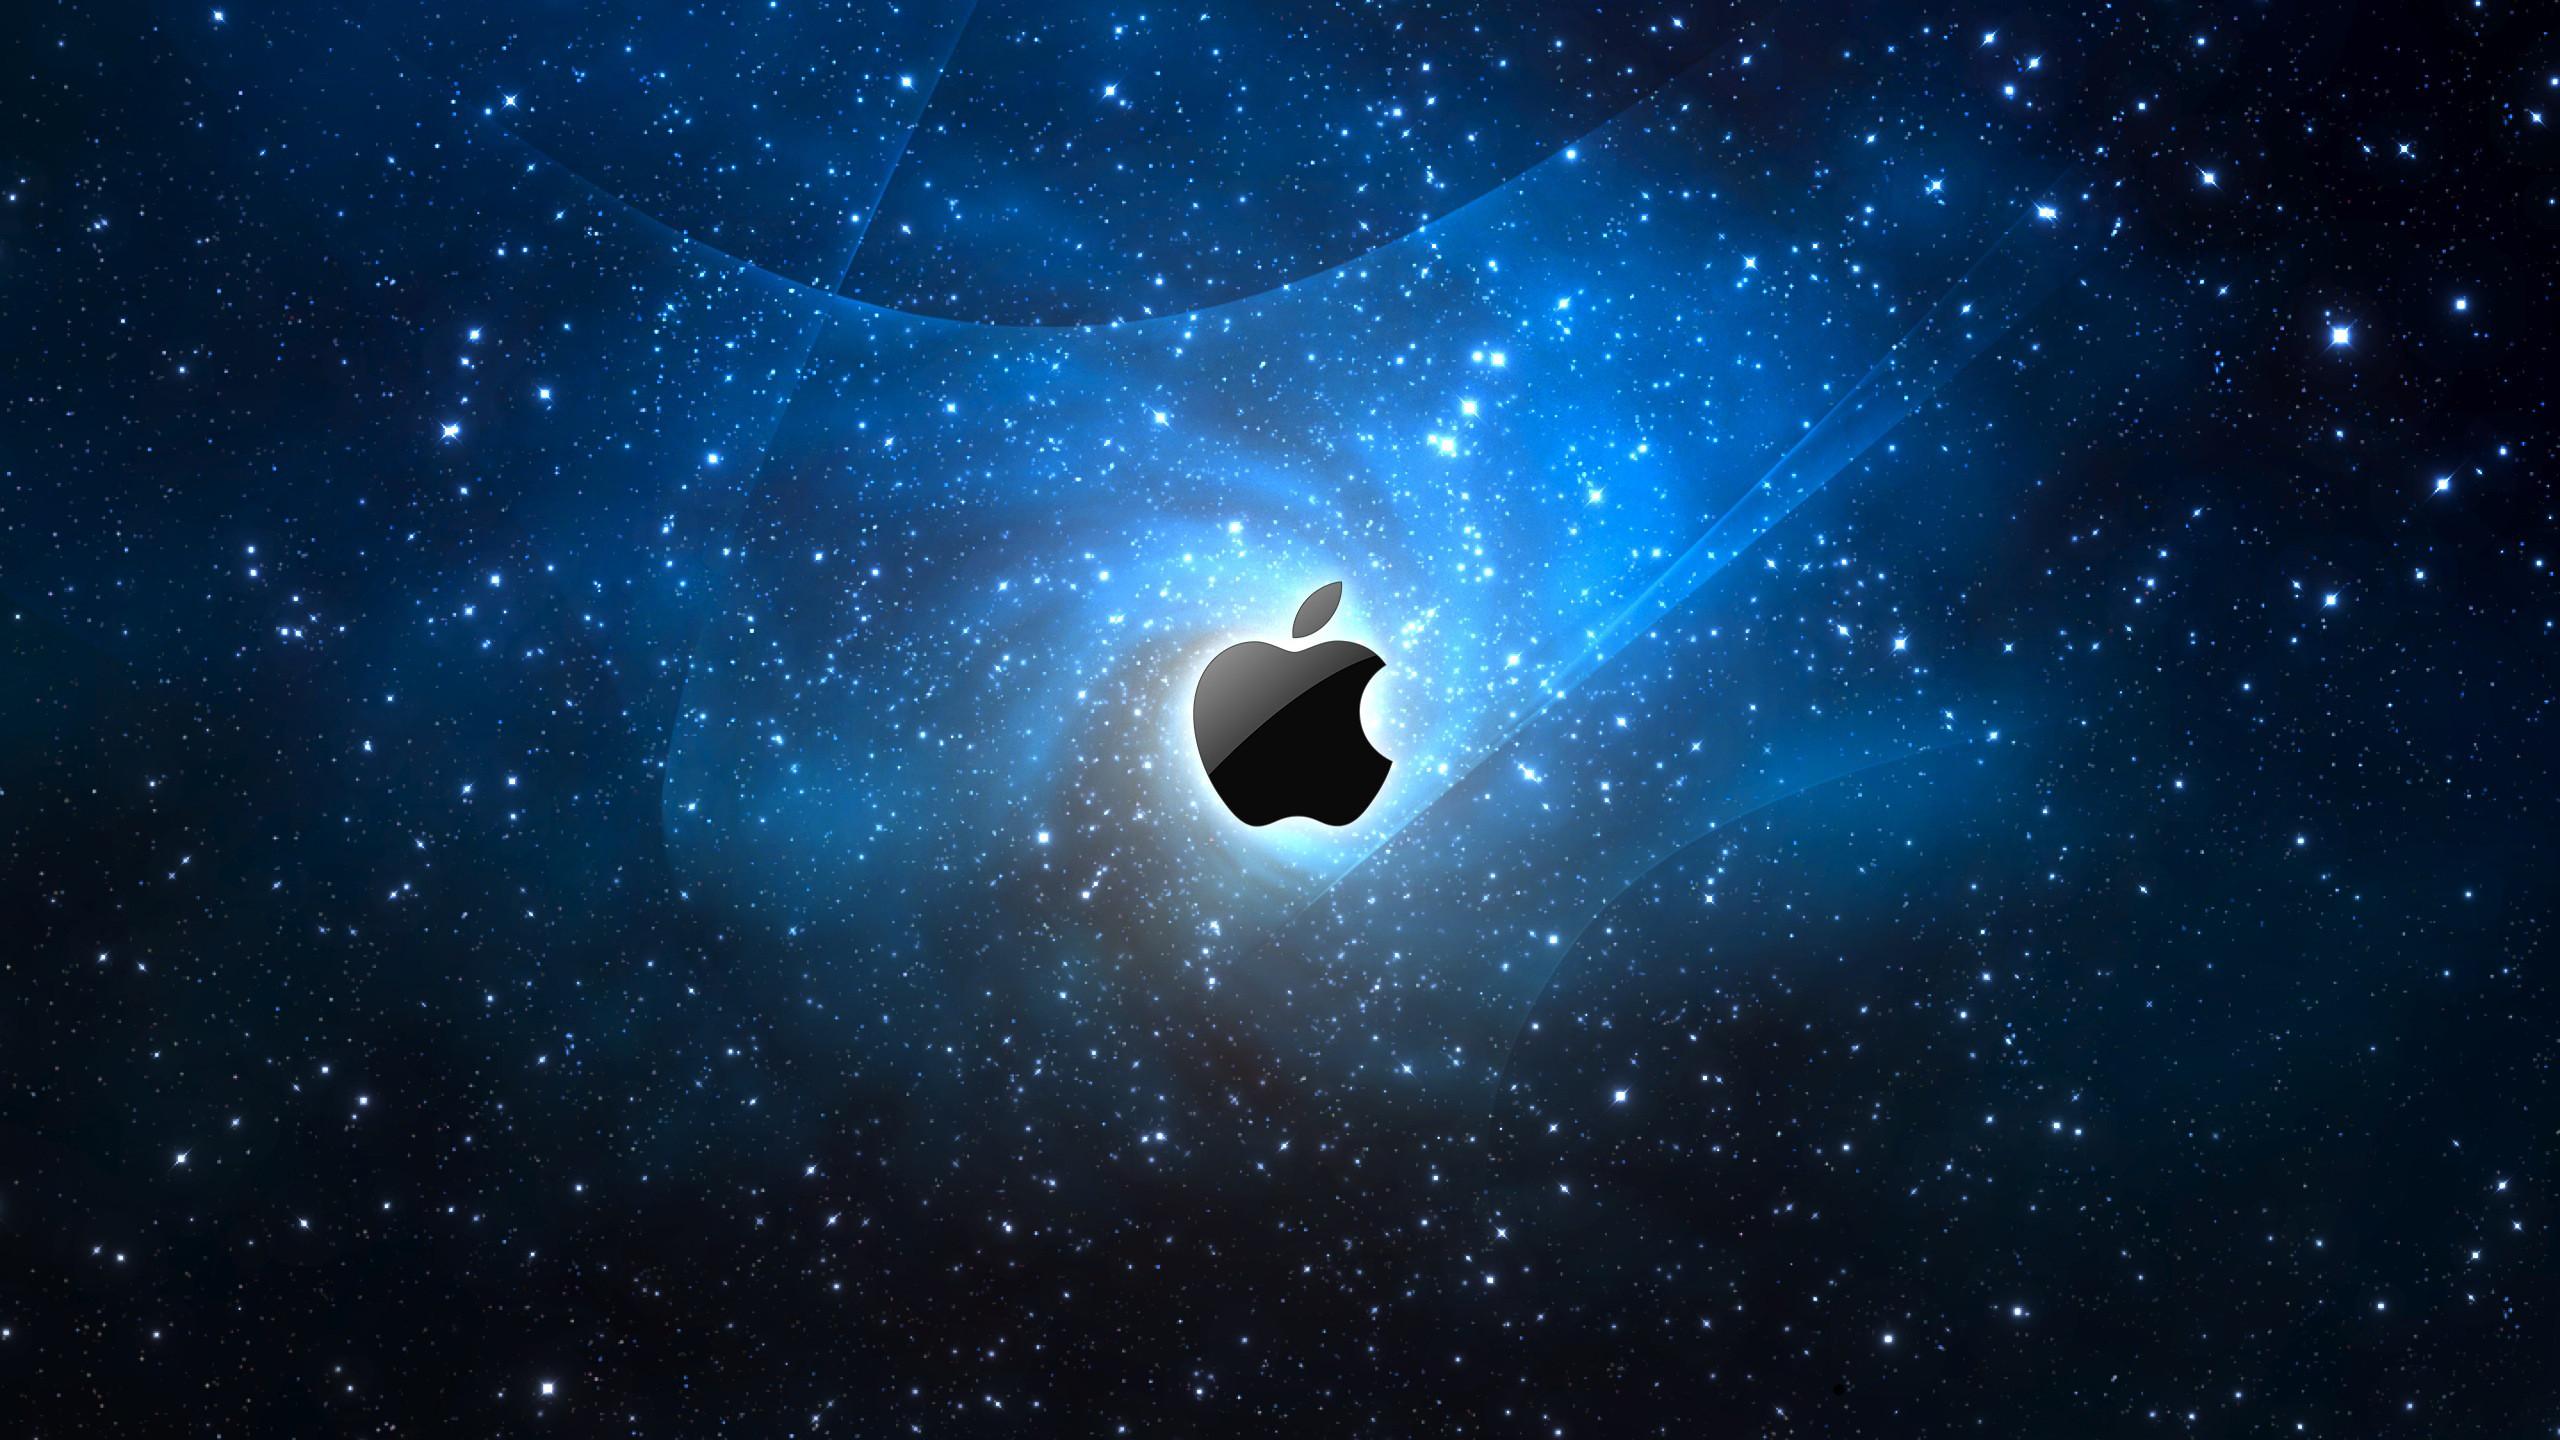 Explore Macbook Wallpaper, Apple Wallpaper, and more!